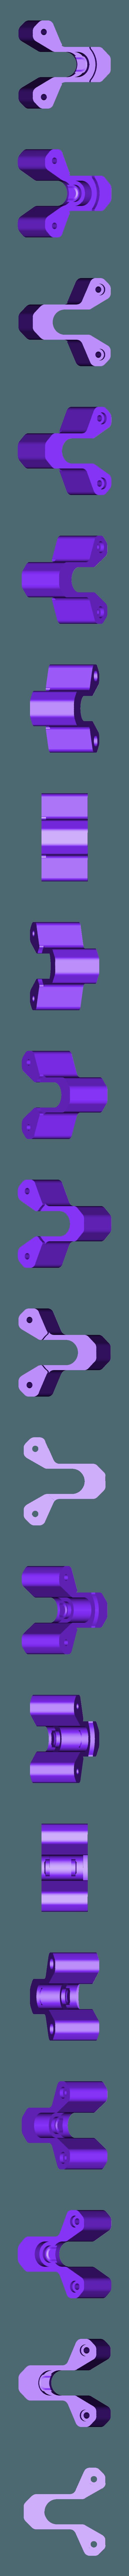 Gearhead_v2-0_96.STL Télécharger fichier STL gratuit Montage de l'extrudeuse (Printrbot Gear Head) • Plan à imprimer en 3D, WalterHsiao